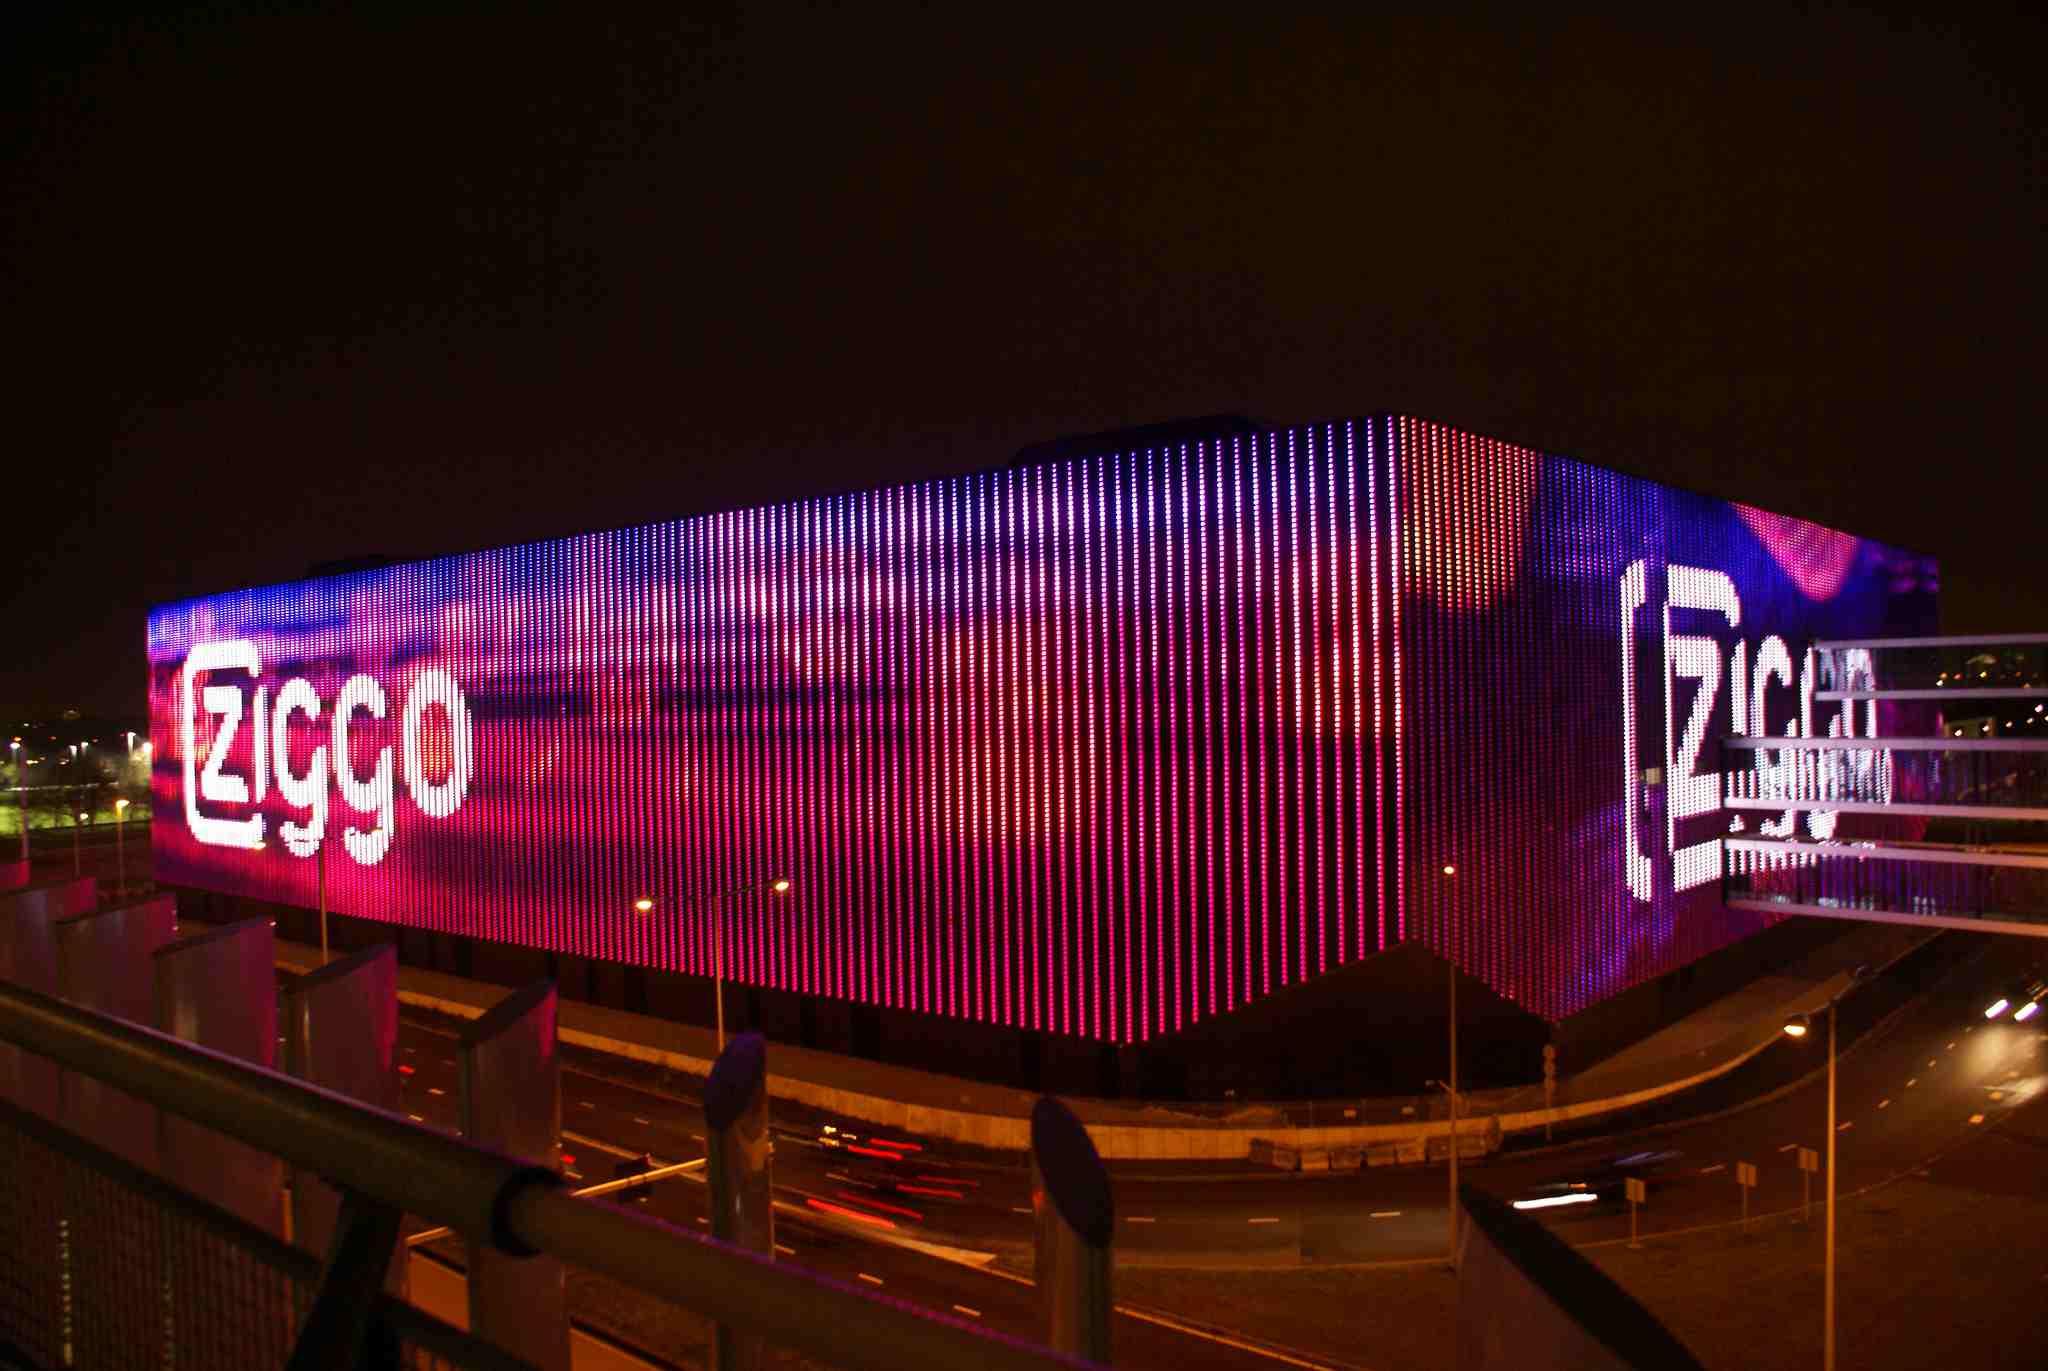 The exterior facade of the Ziggo Dome